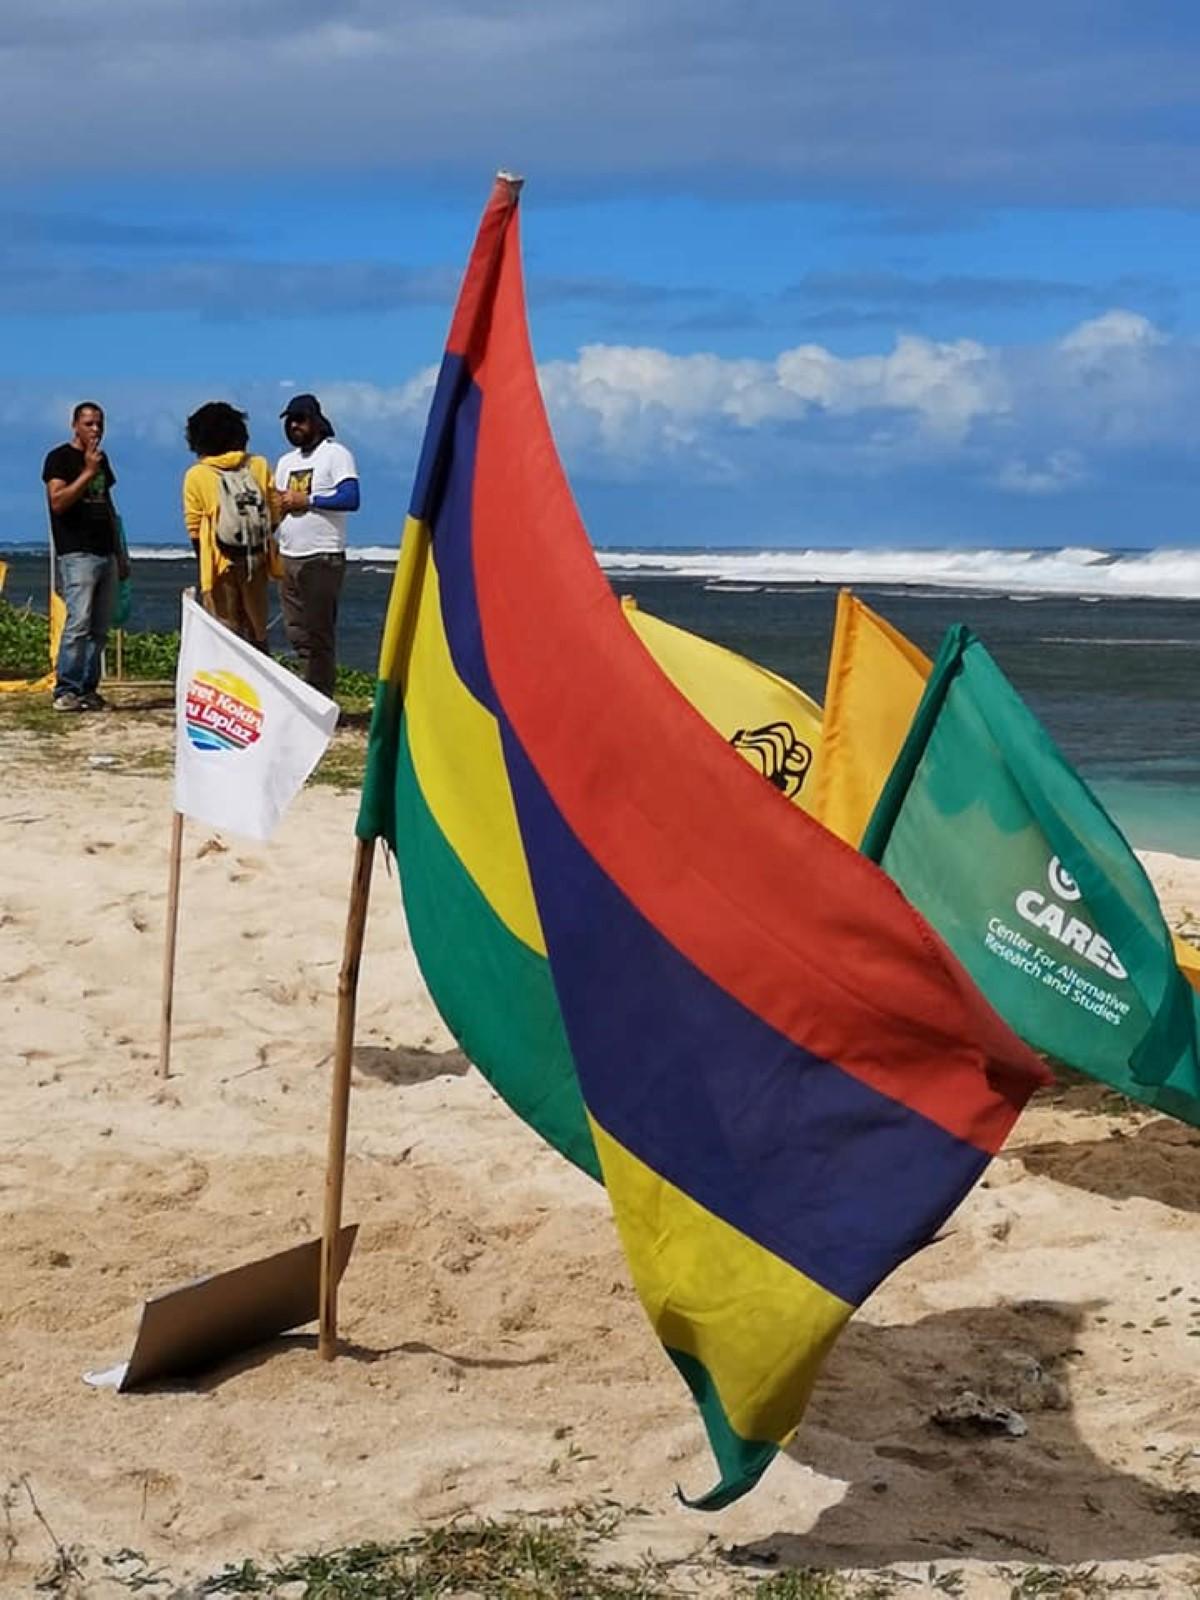 Déproclamation de la plage de Pomponette : AKNL en Cour Surprême